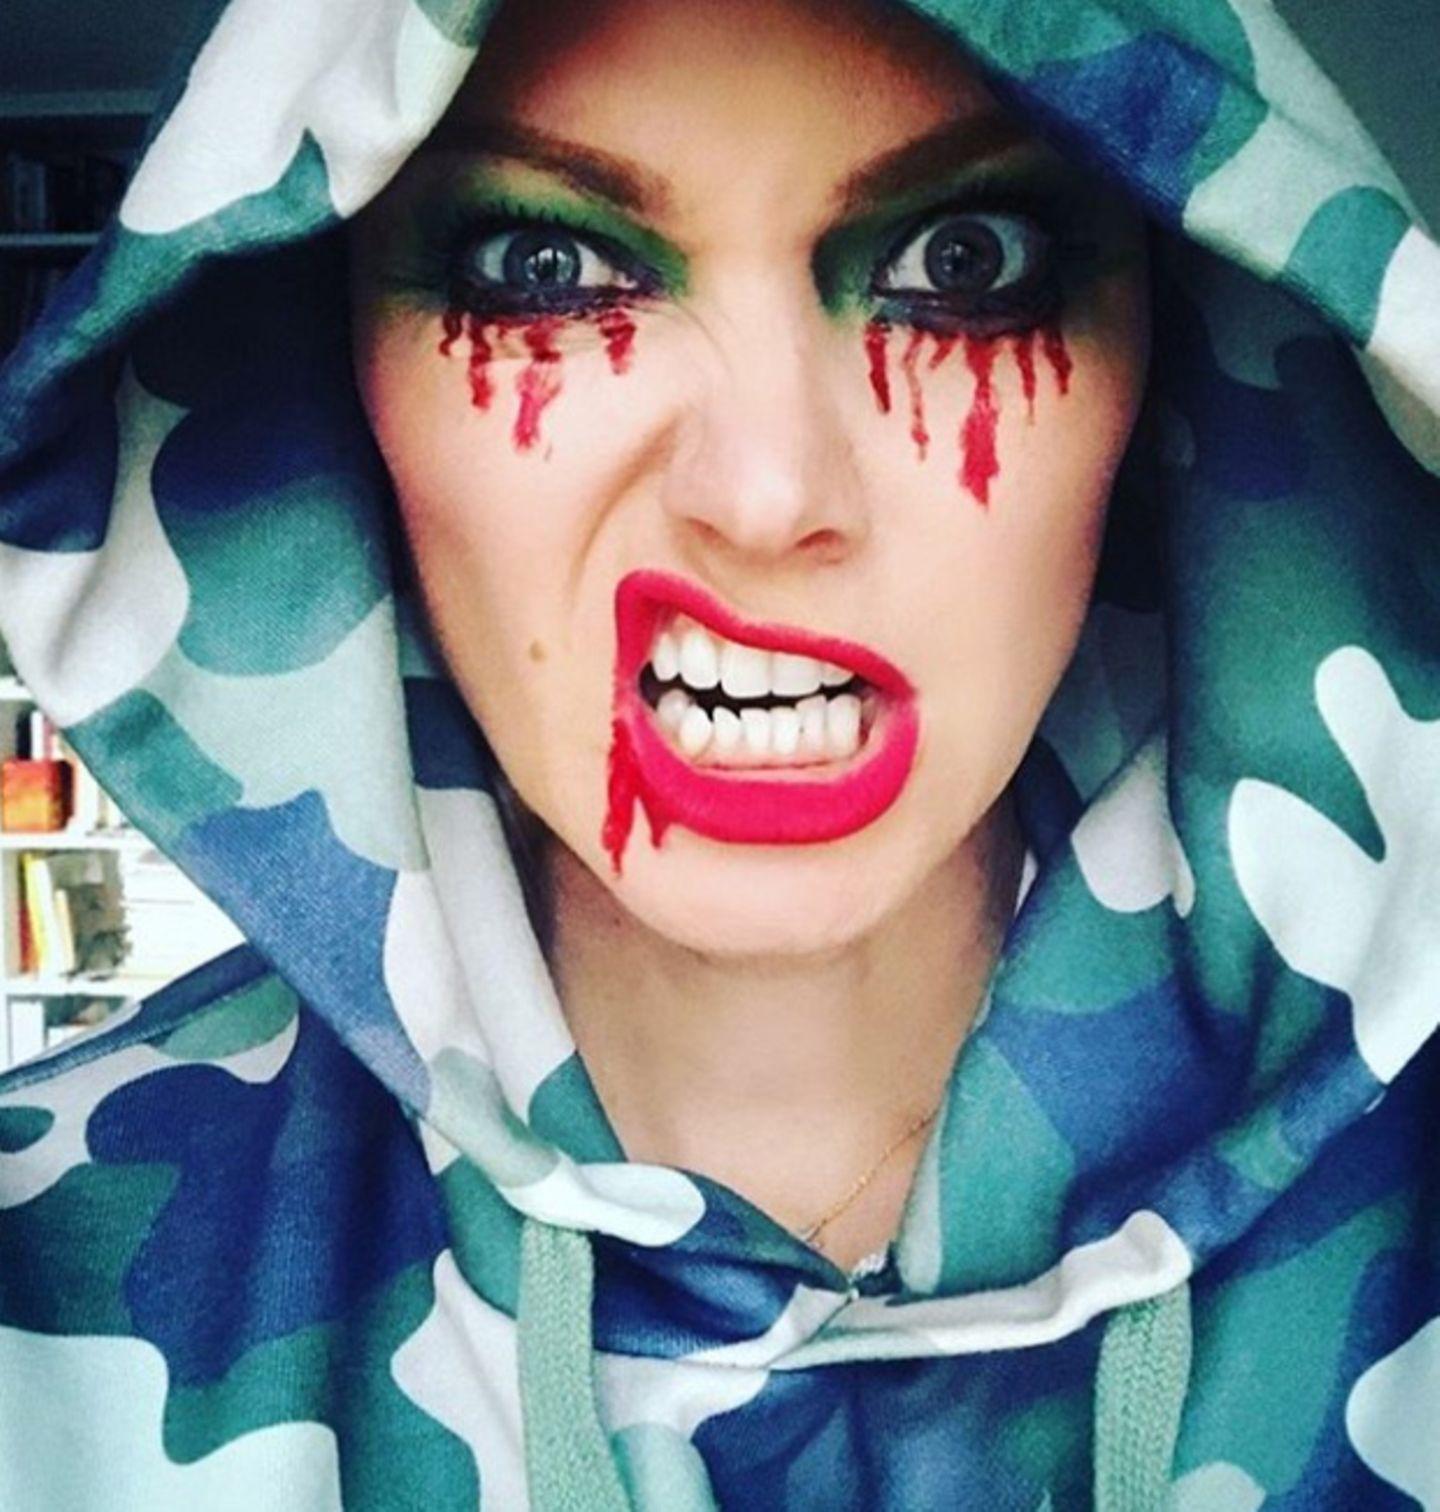 Dieses Jahr wird Halloween zu Hause gefeiert. Also, gemütliches Hoodie aufsetzten und das Beste daraus machen, sowie Model Franziska Knuppe.